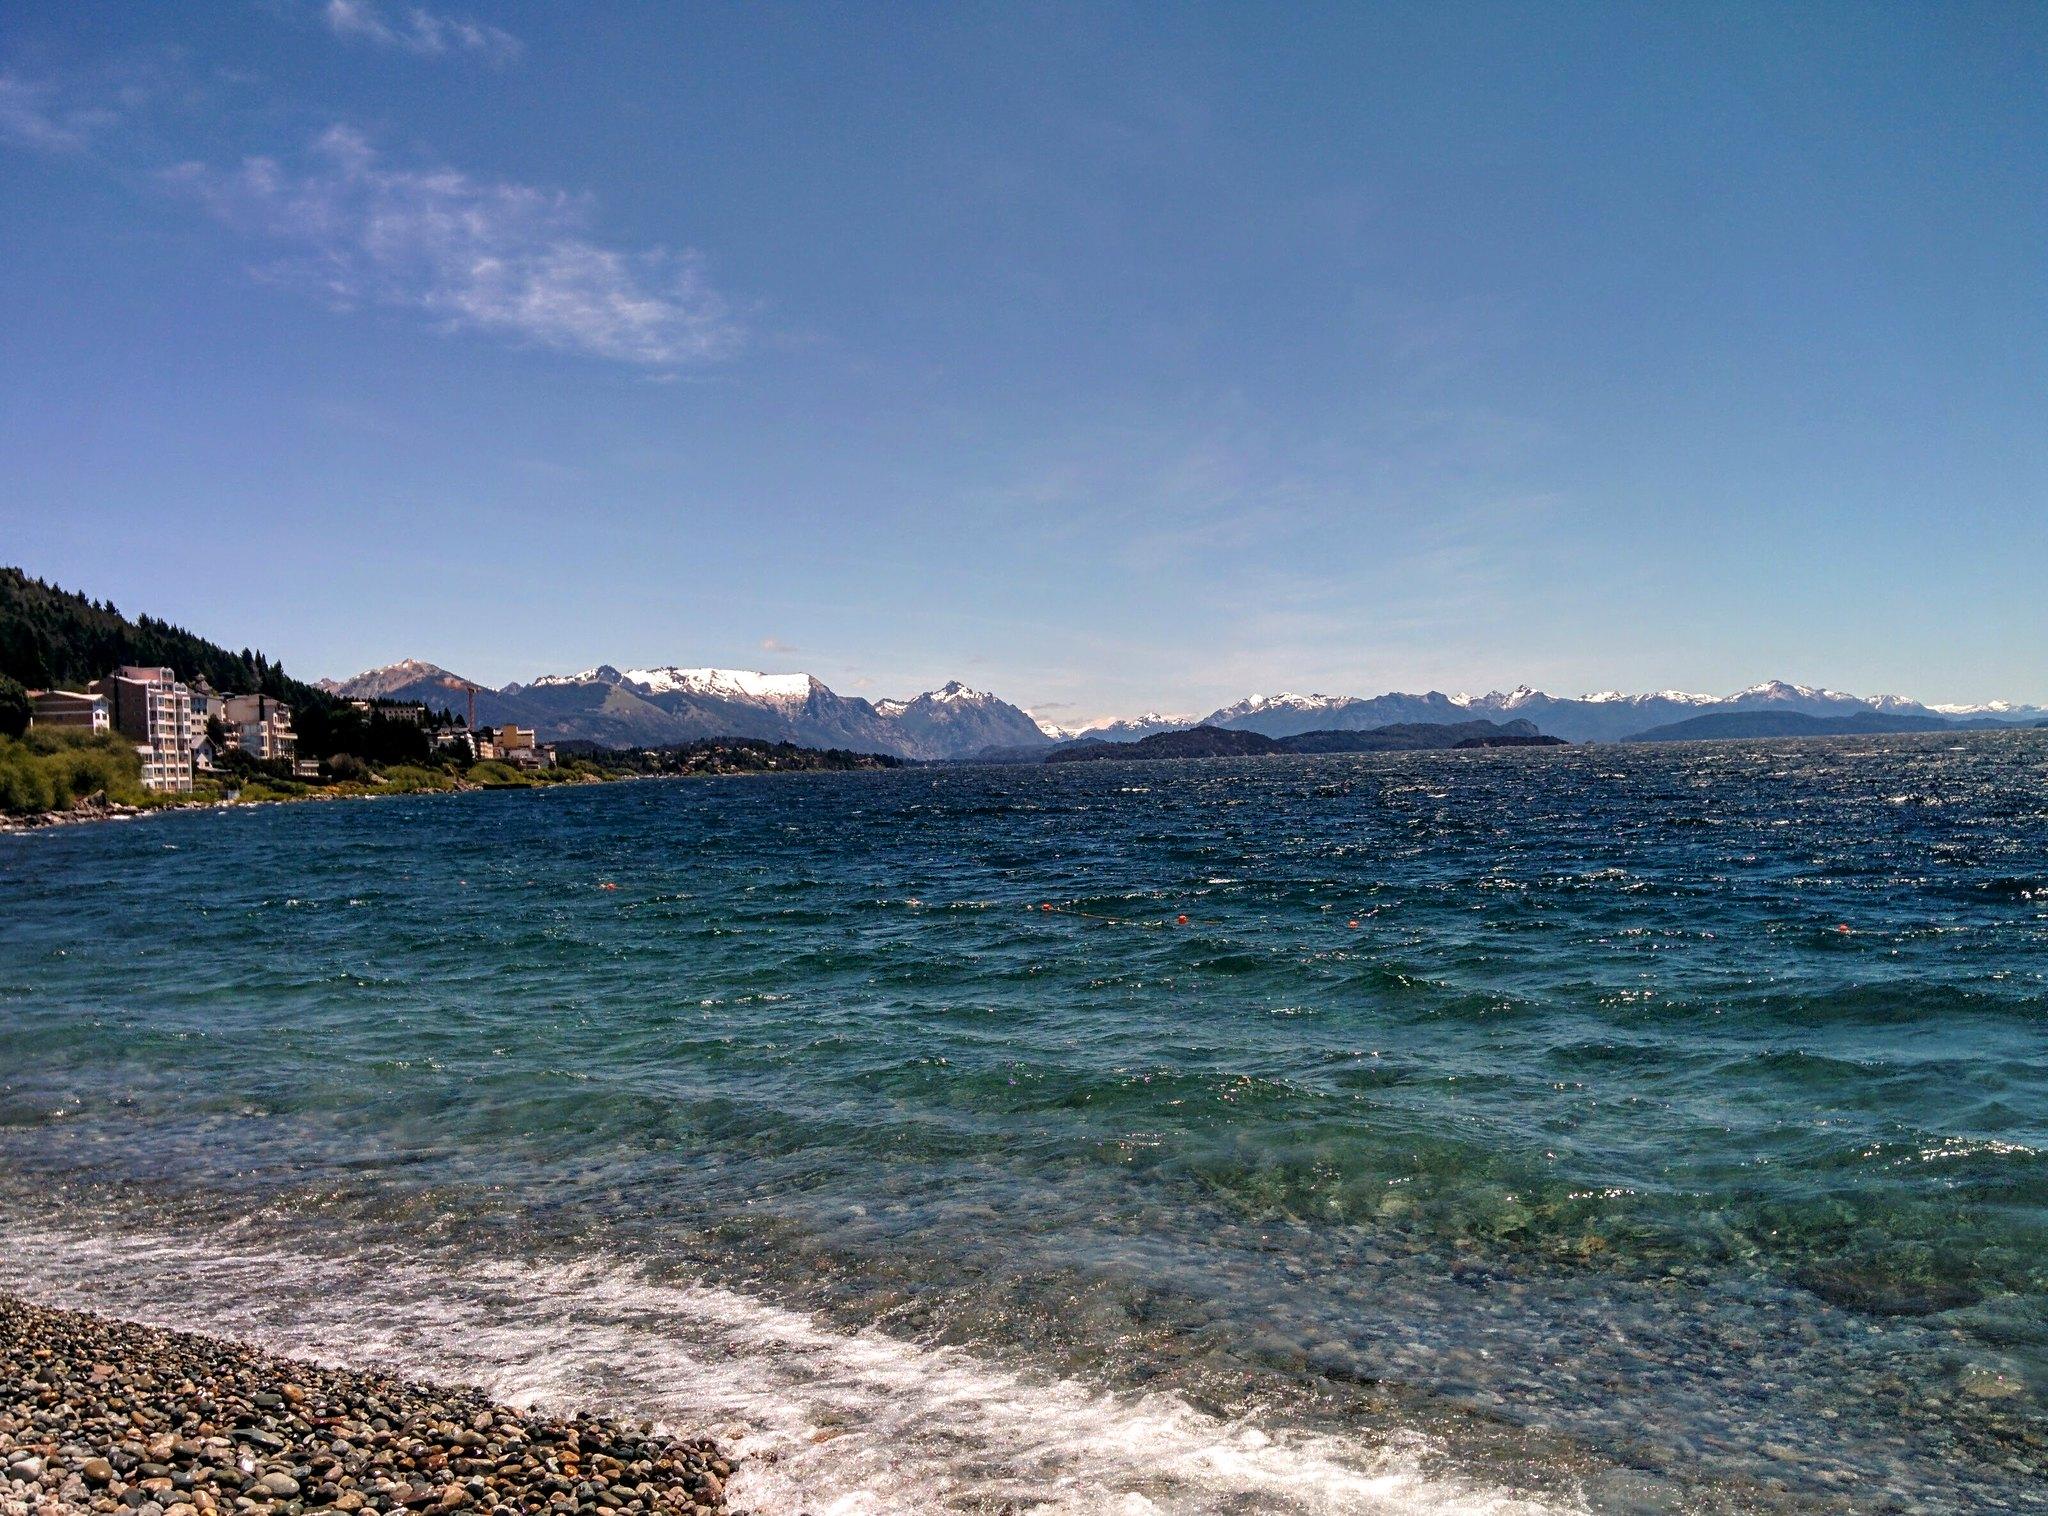 The shoreline at Bariloche